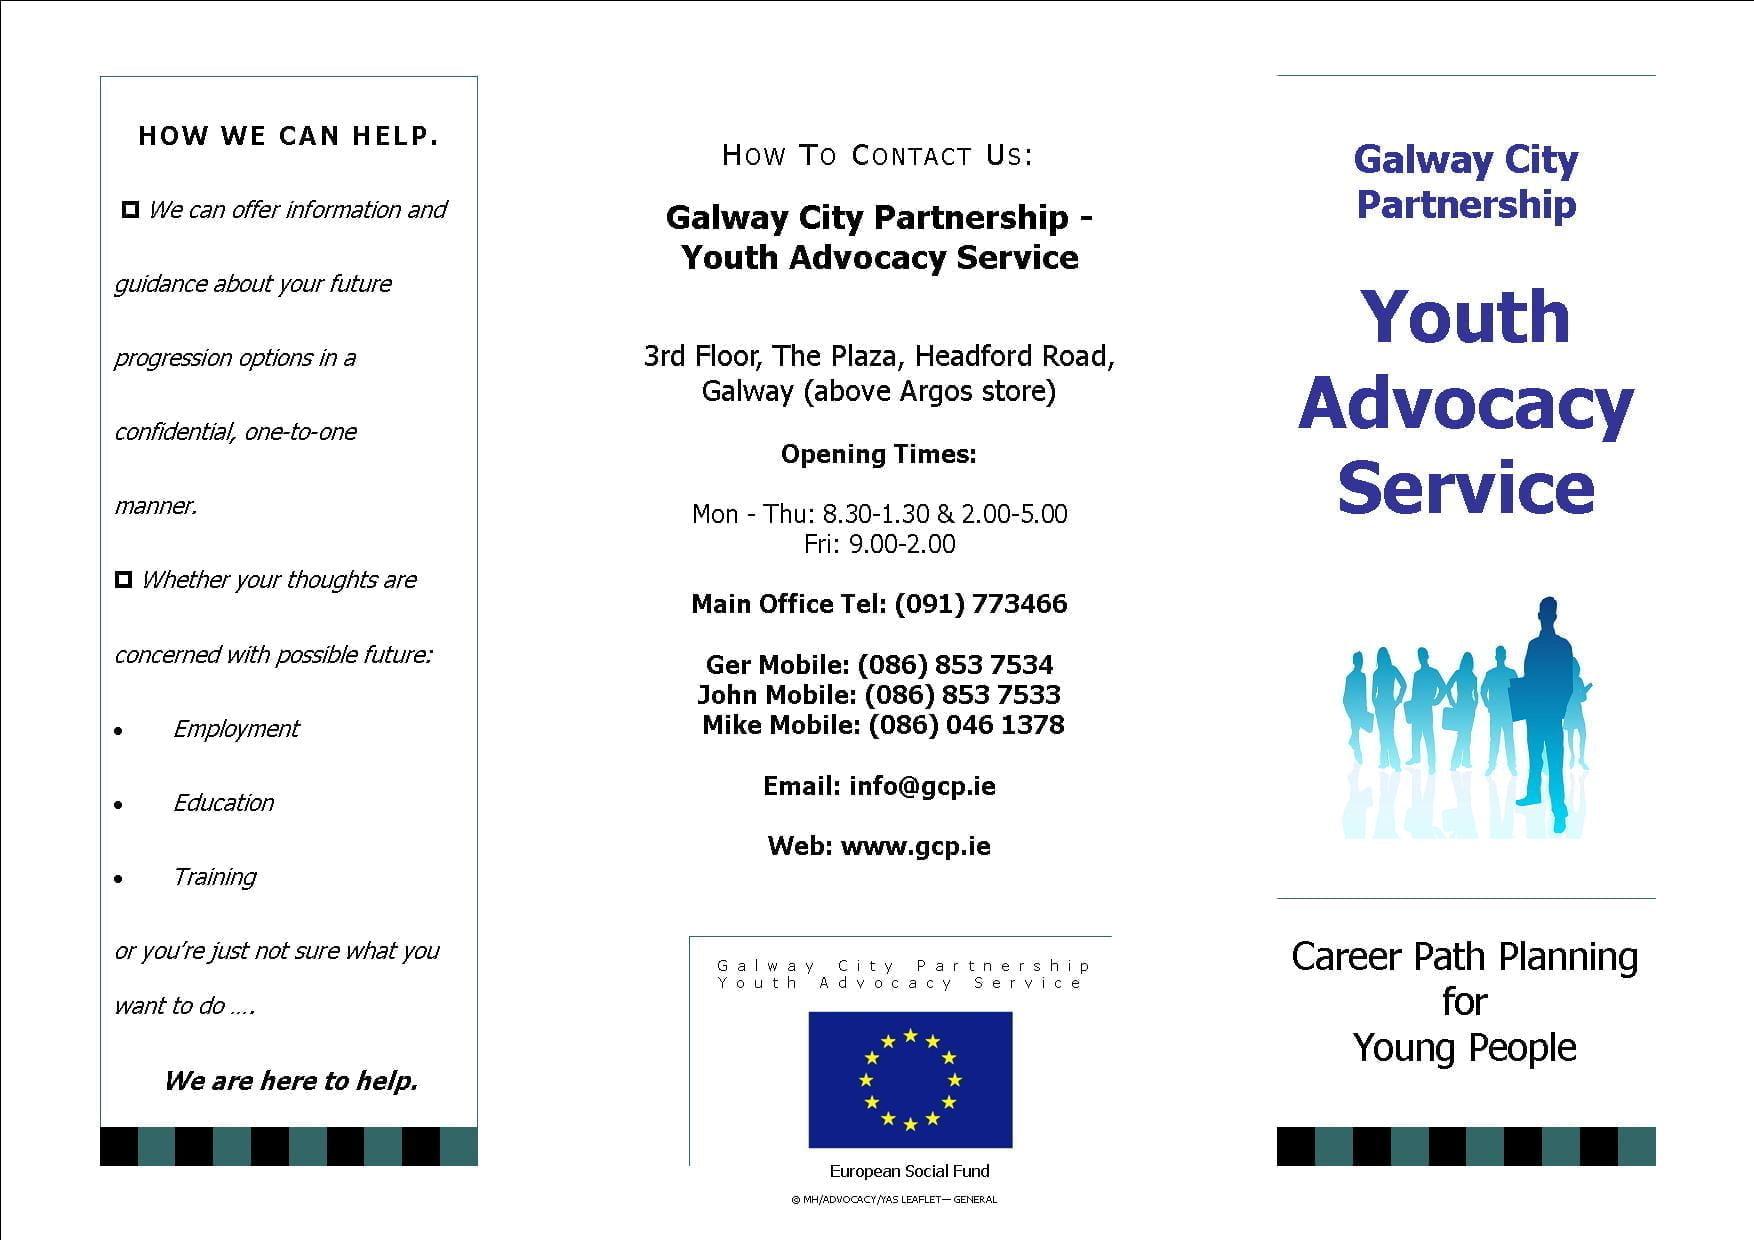 leaflet distribution business plan